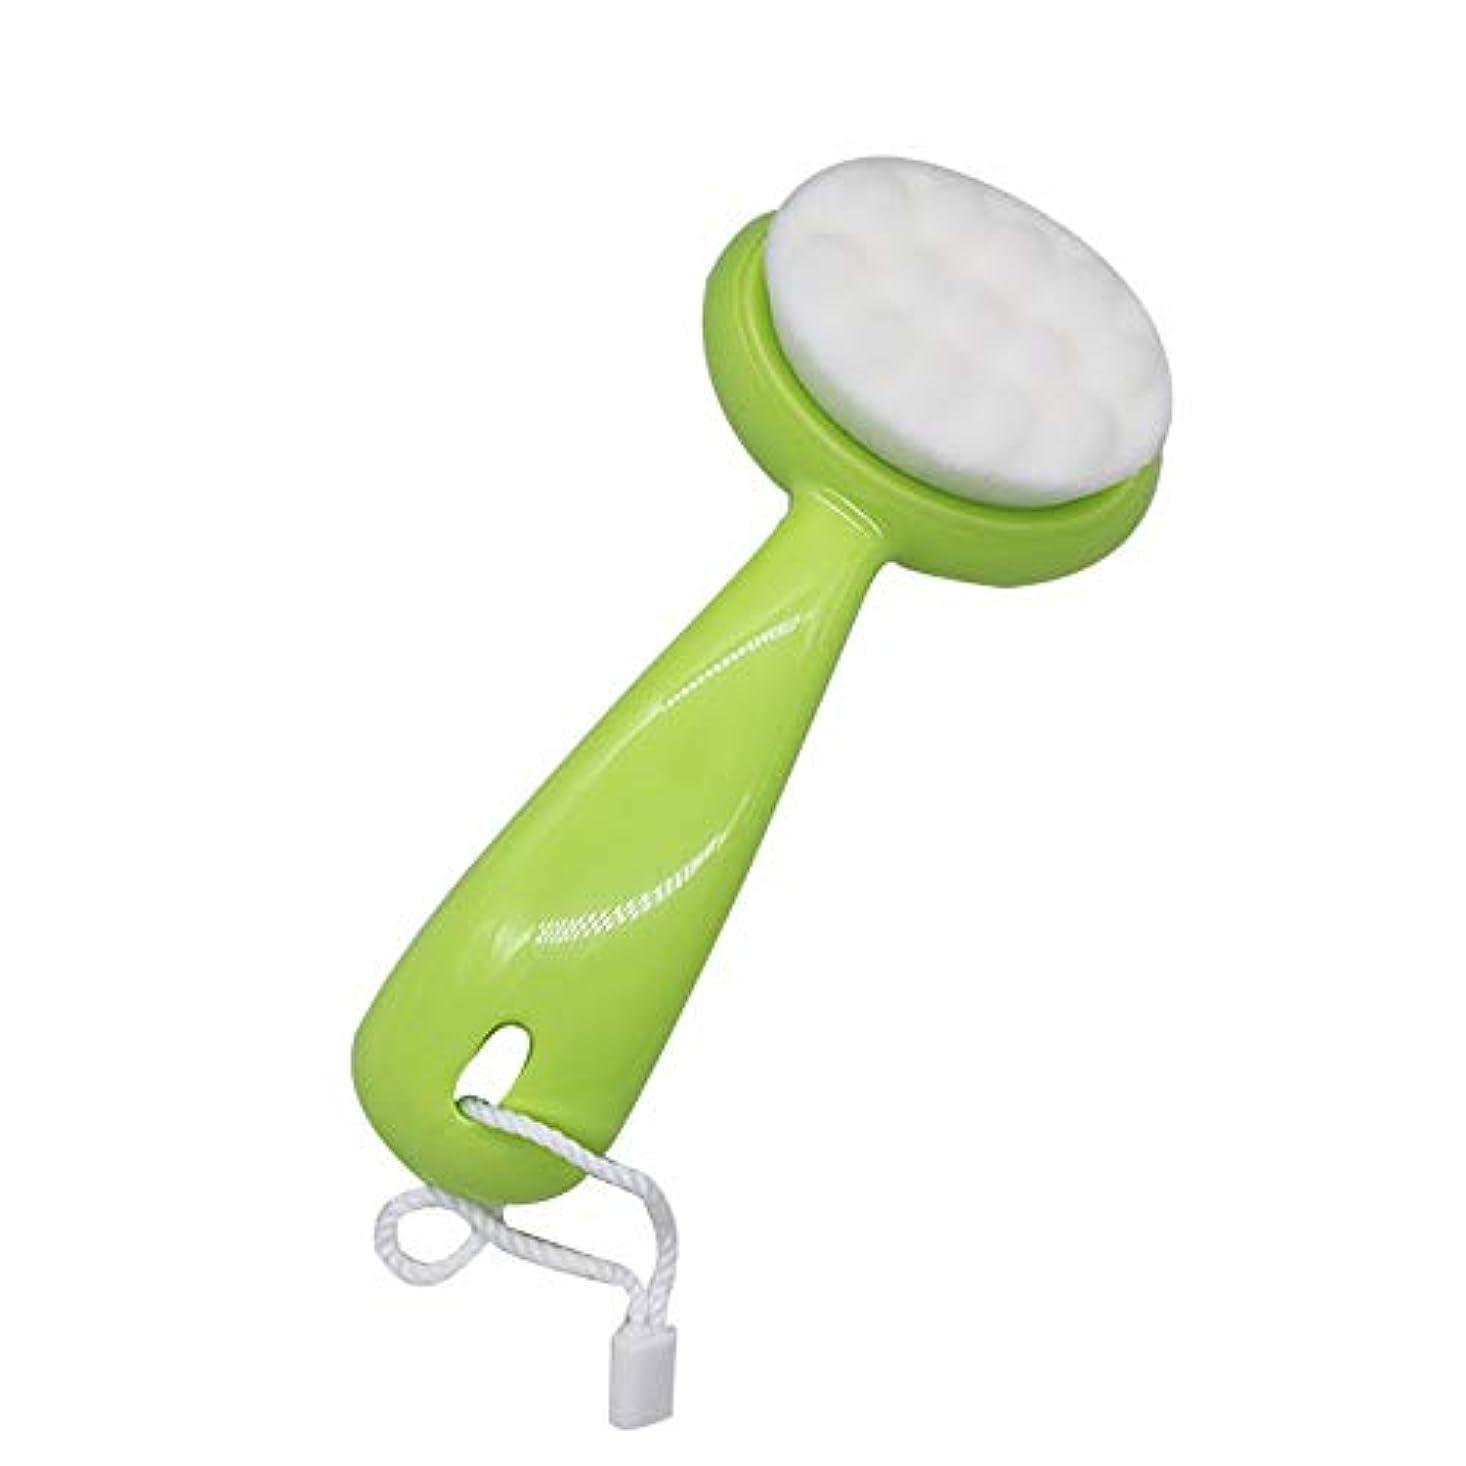 解説アンドリューハリディ作動するLYX ブラシ、マニュアルロングハンドル、ソフトの髪、クレンジングブラシ、ディープ毛穴クリーニングブラシ、クレンジング器、ブラックヘッド洗浄器の洗浄 (Color : 緑)